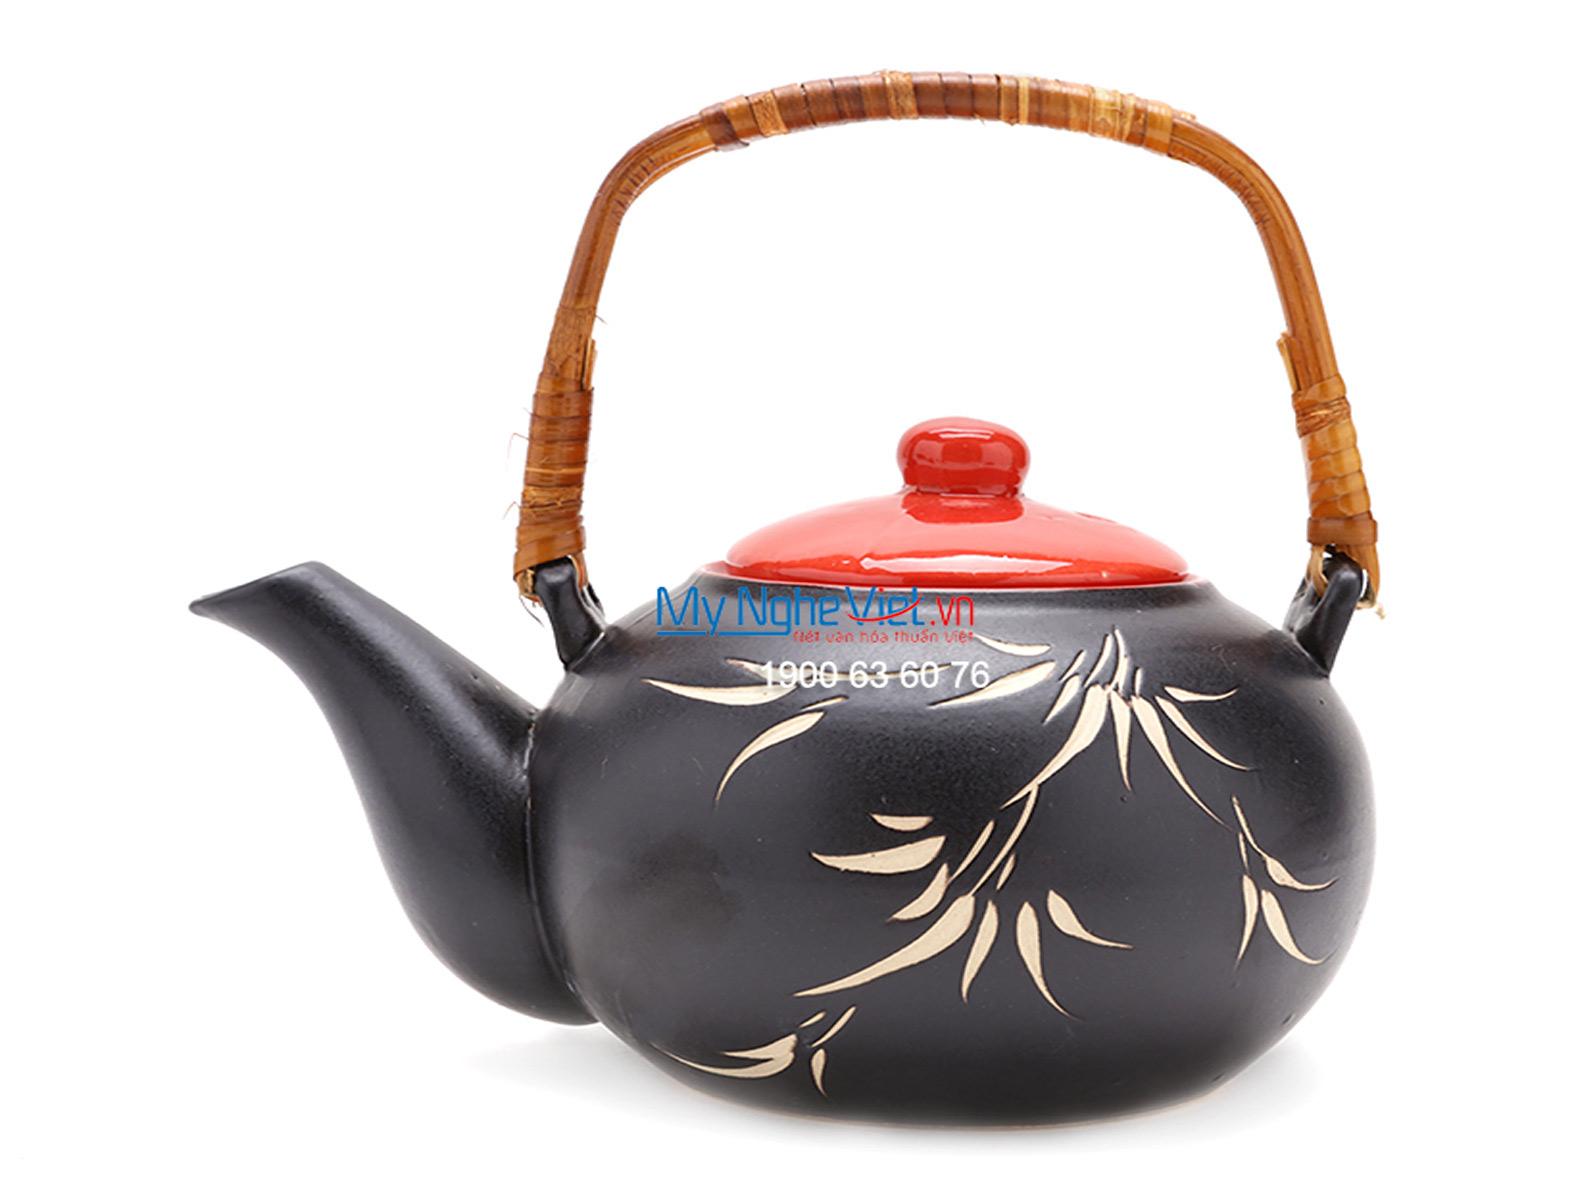 Bat Trang Tea set with Bamboo Pattern and Bamboo Tray MNV-TS062